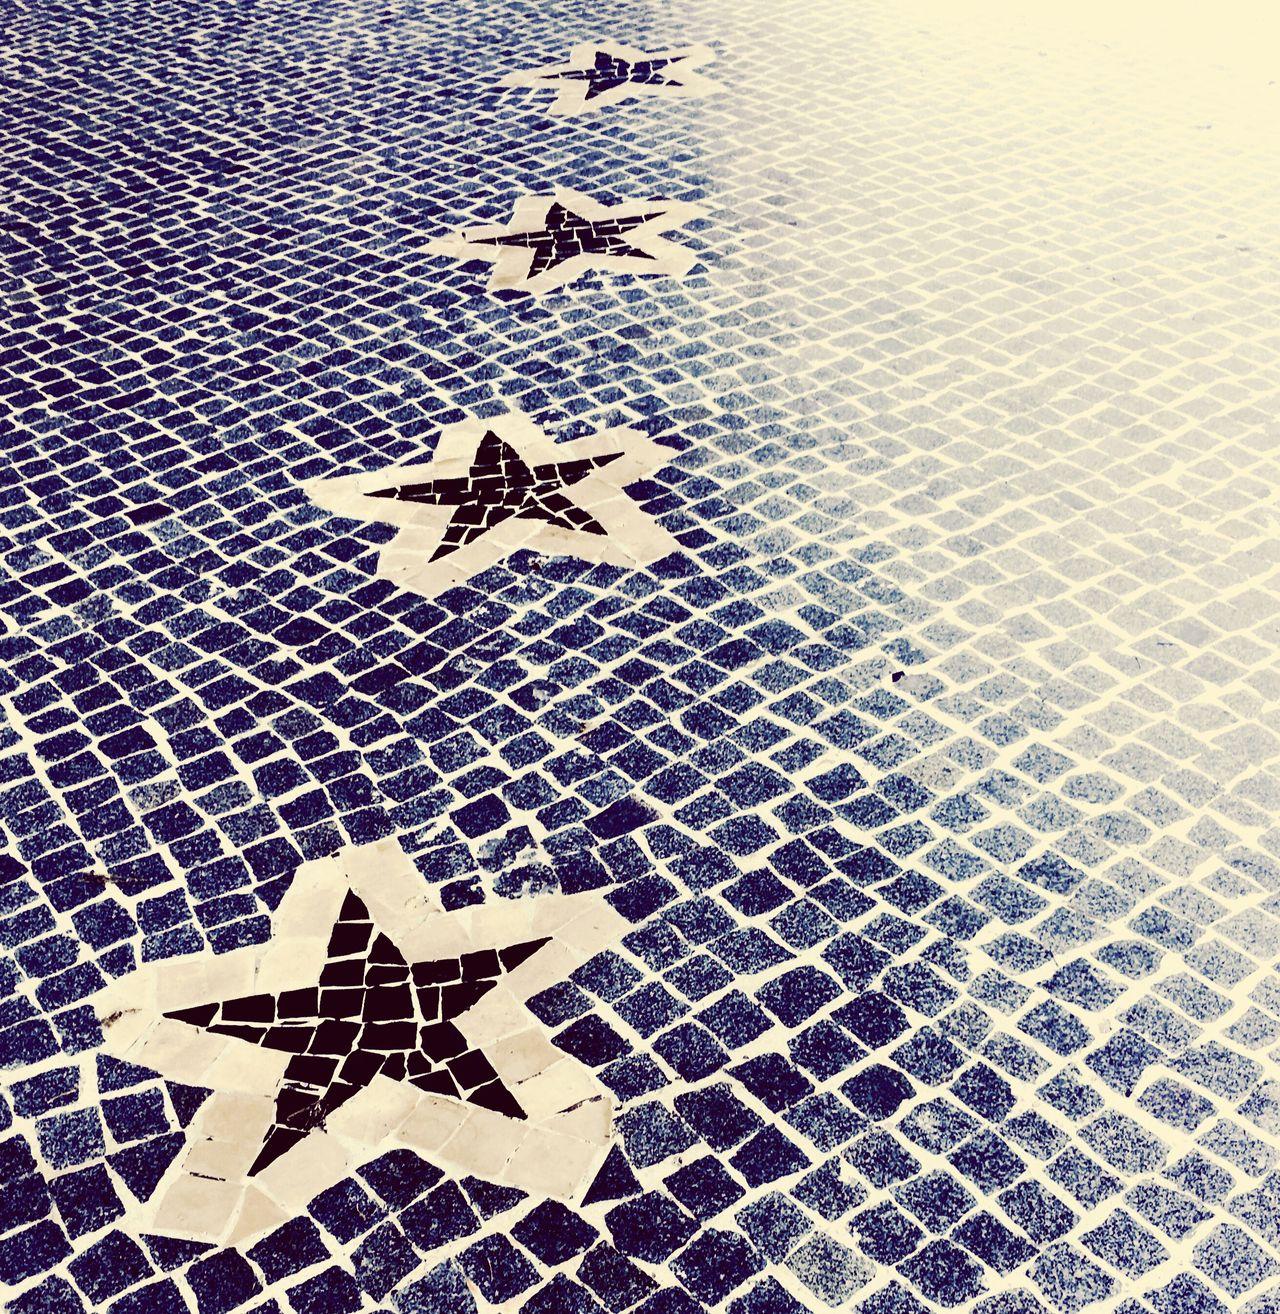 4⭐️⭐️⭐️⭐️ Hotel in Portugal.. First Eyeem Photo Calçada Portuguesa Stars Hotel